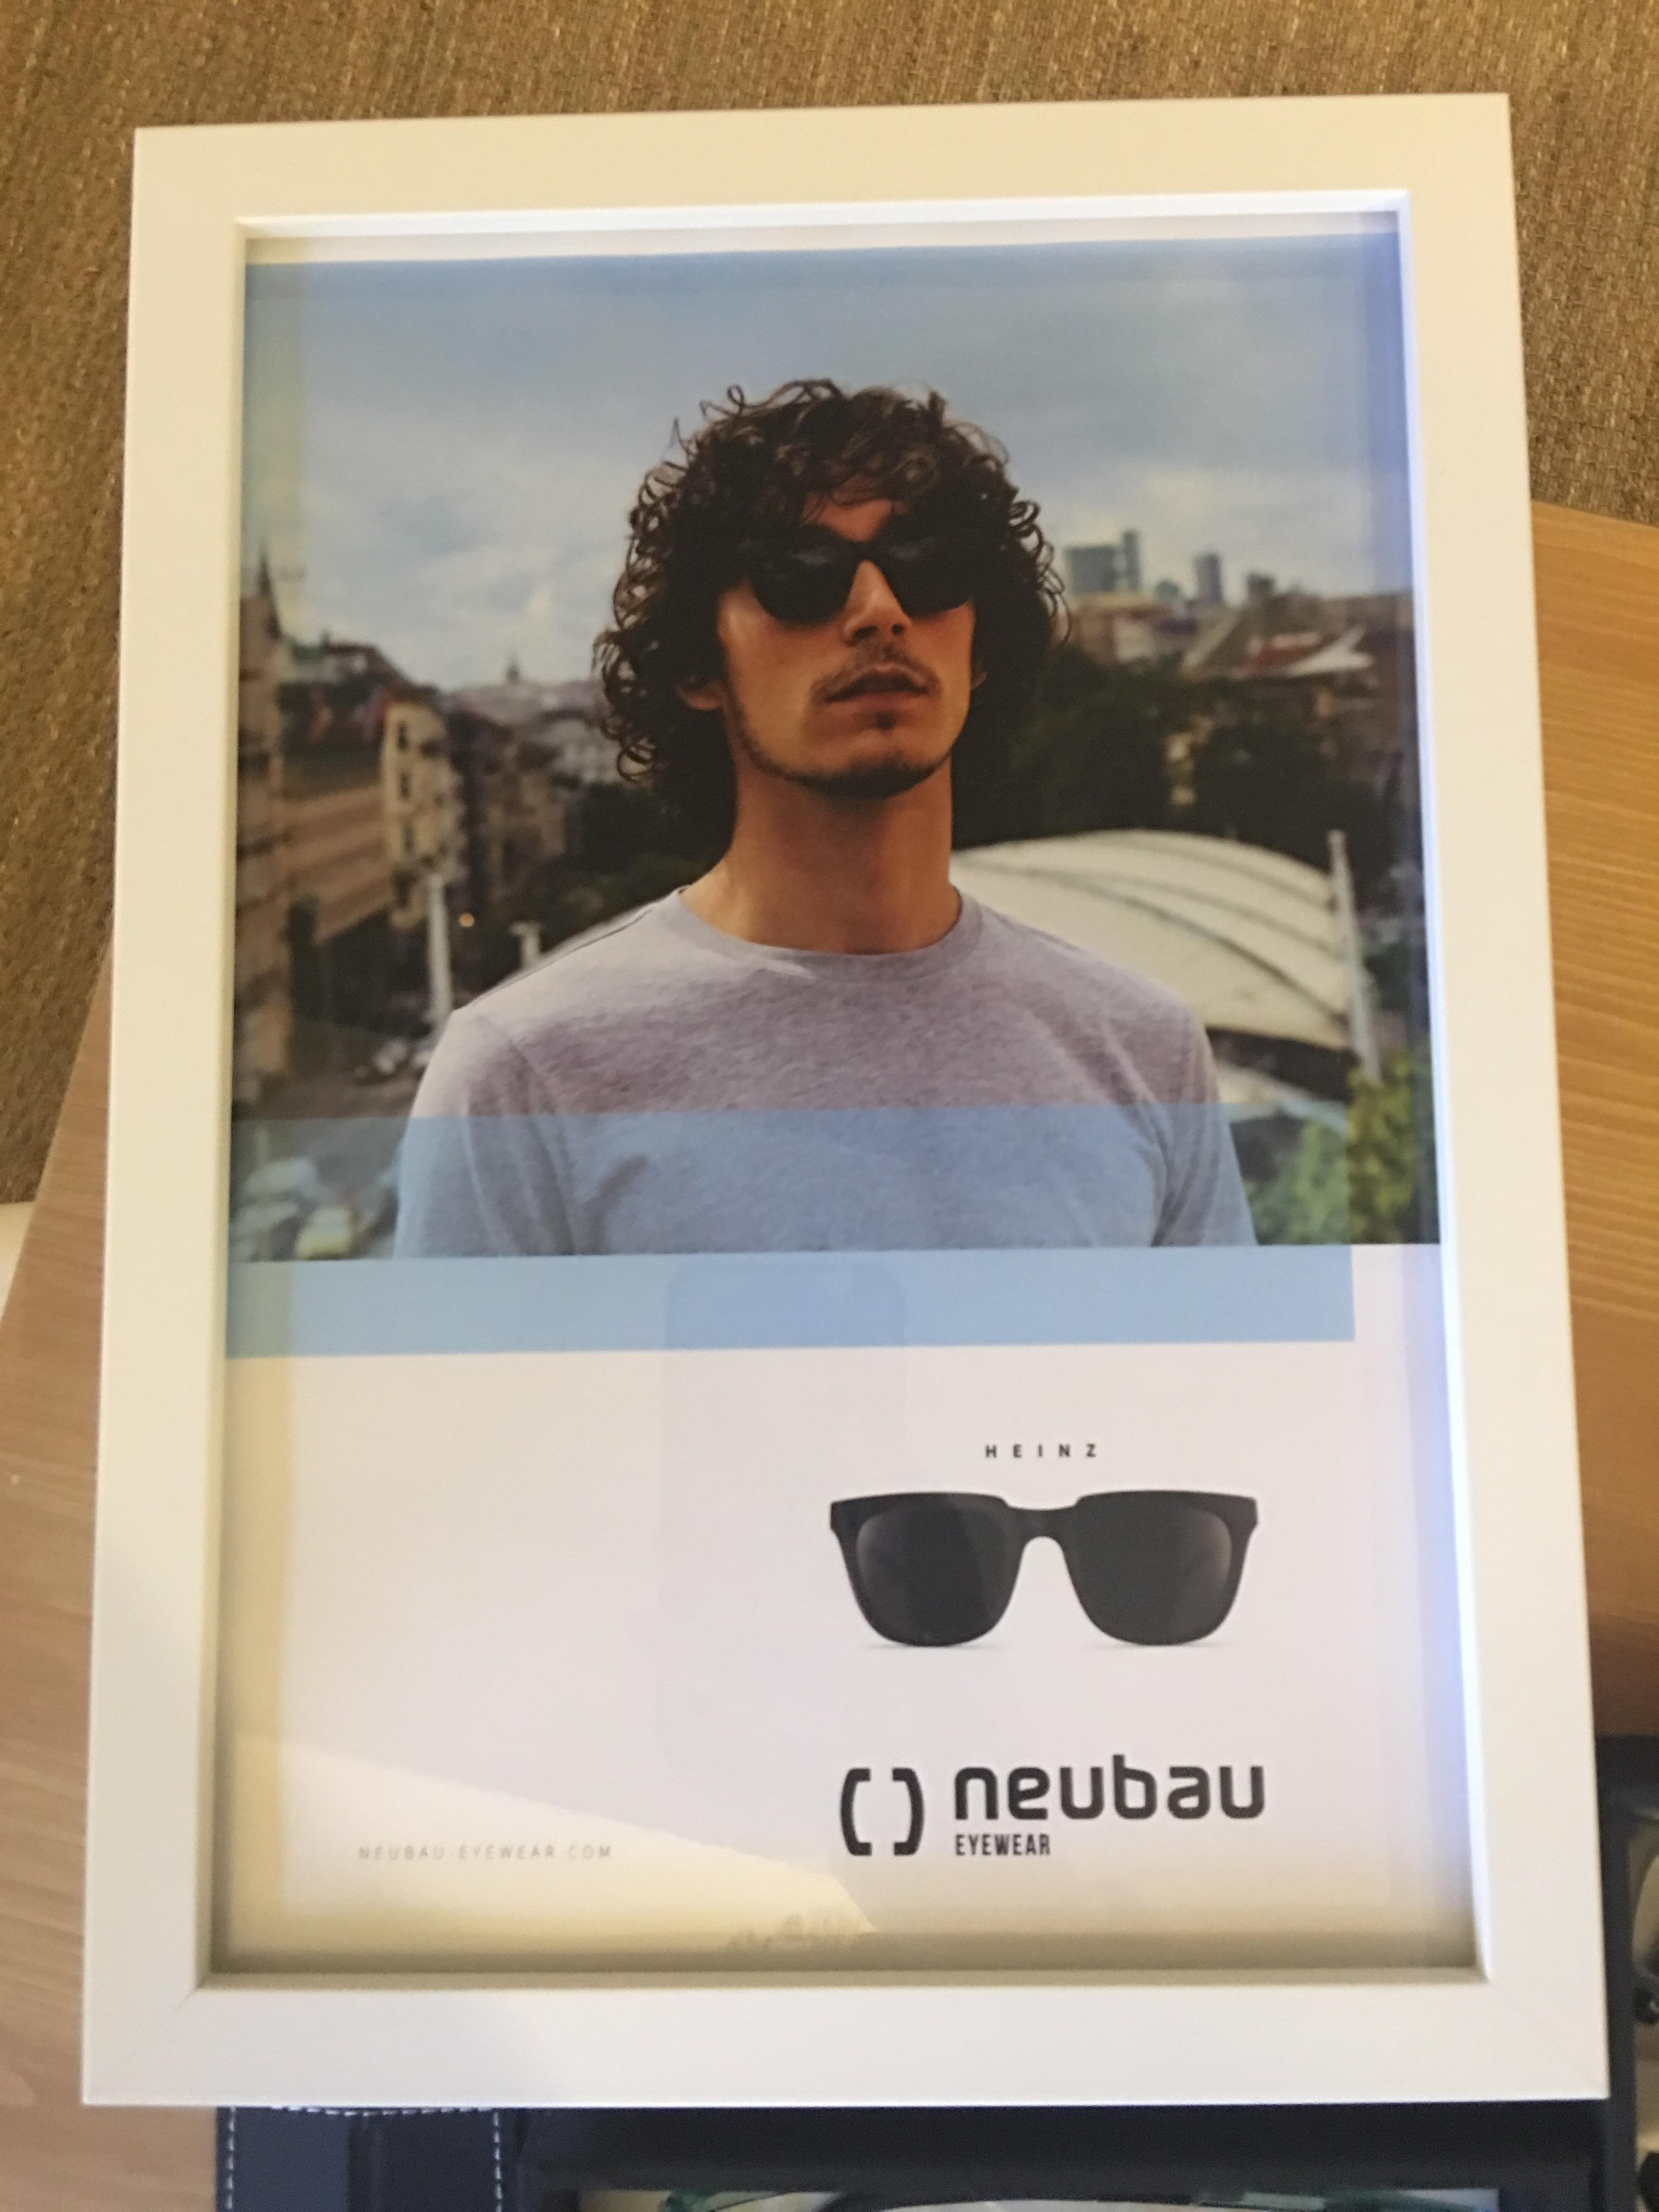 lunettes neubau - zenitudeprofondelemag.com